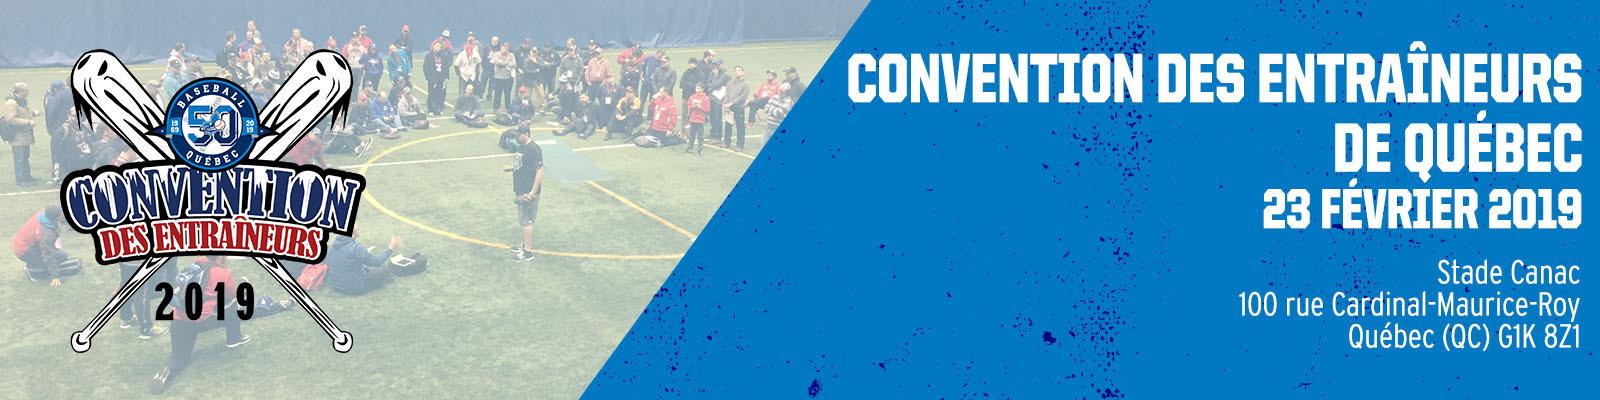 Convention des entraîneurs de Québec 2019